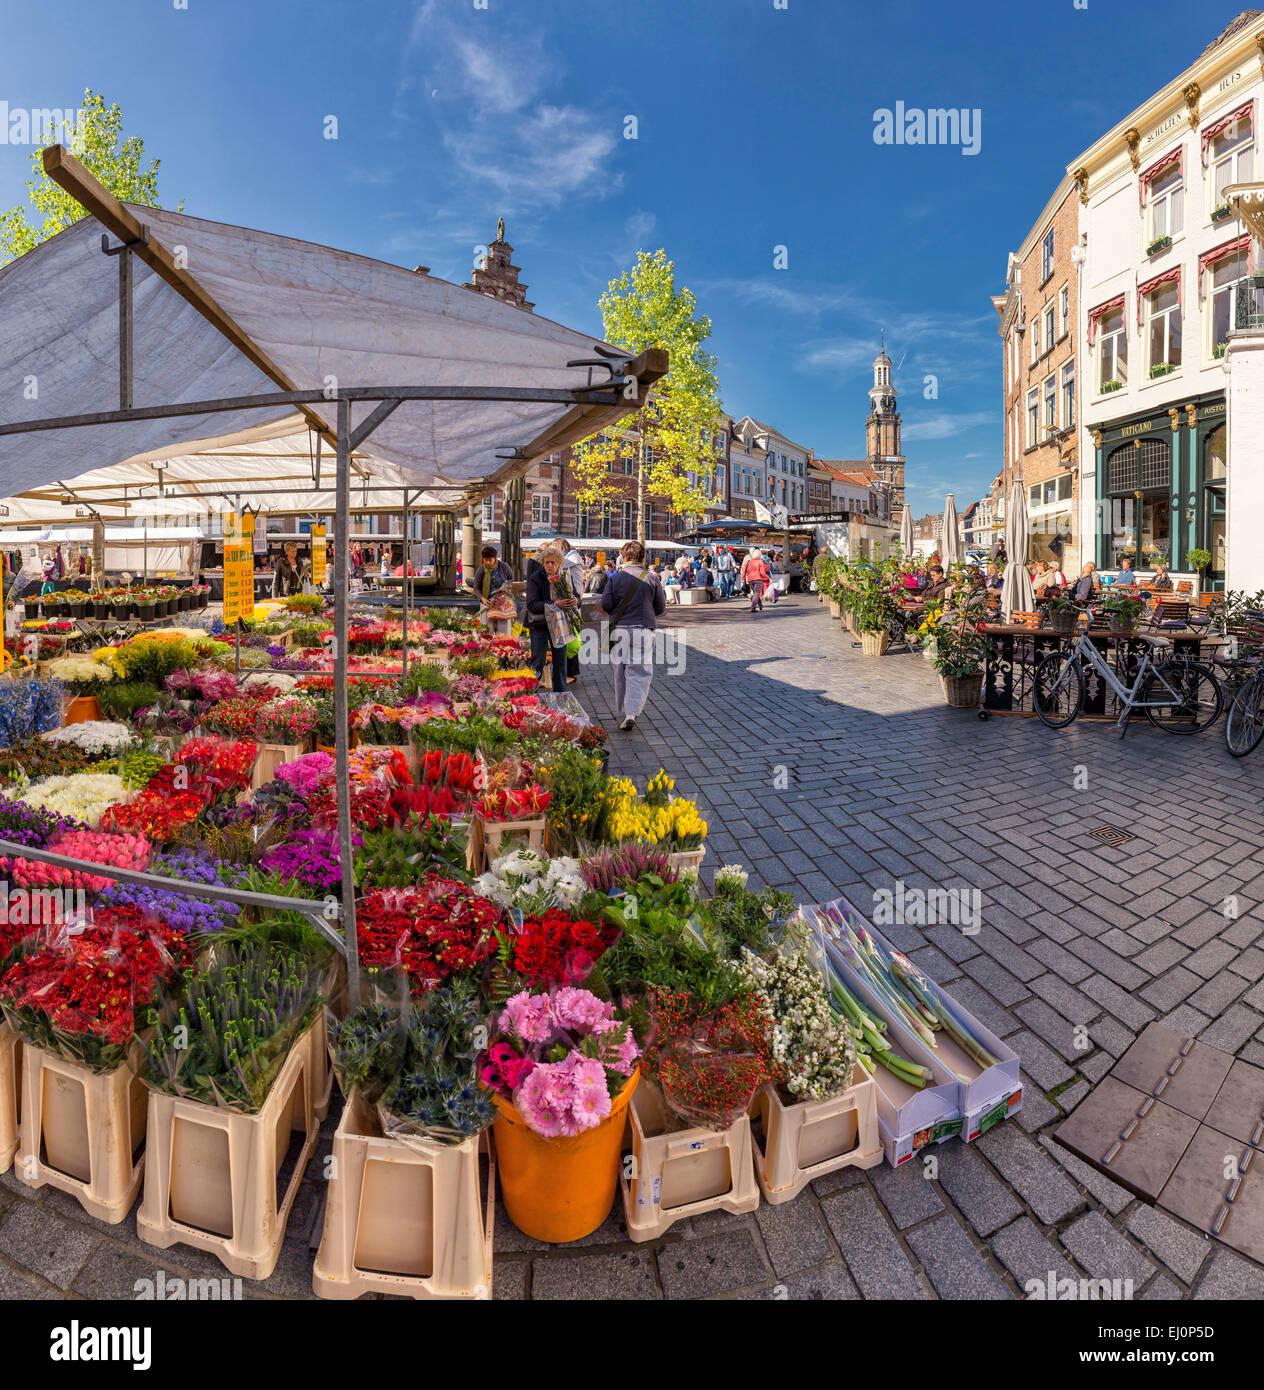 Netherlands, Holland, Europe, Zutphen, Gelderland, village, flowers, summer, people, Flower stand, Seed market - Stock Image